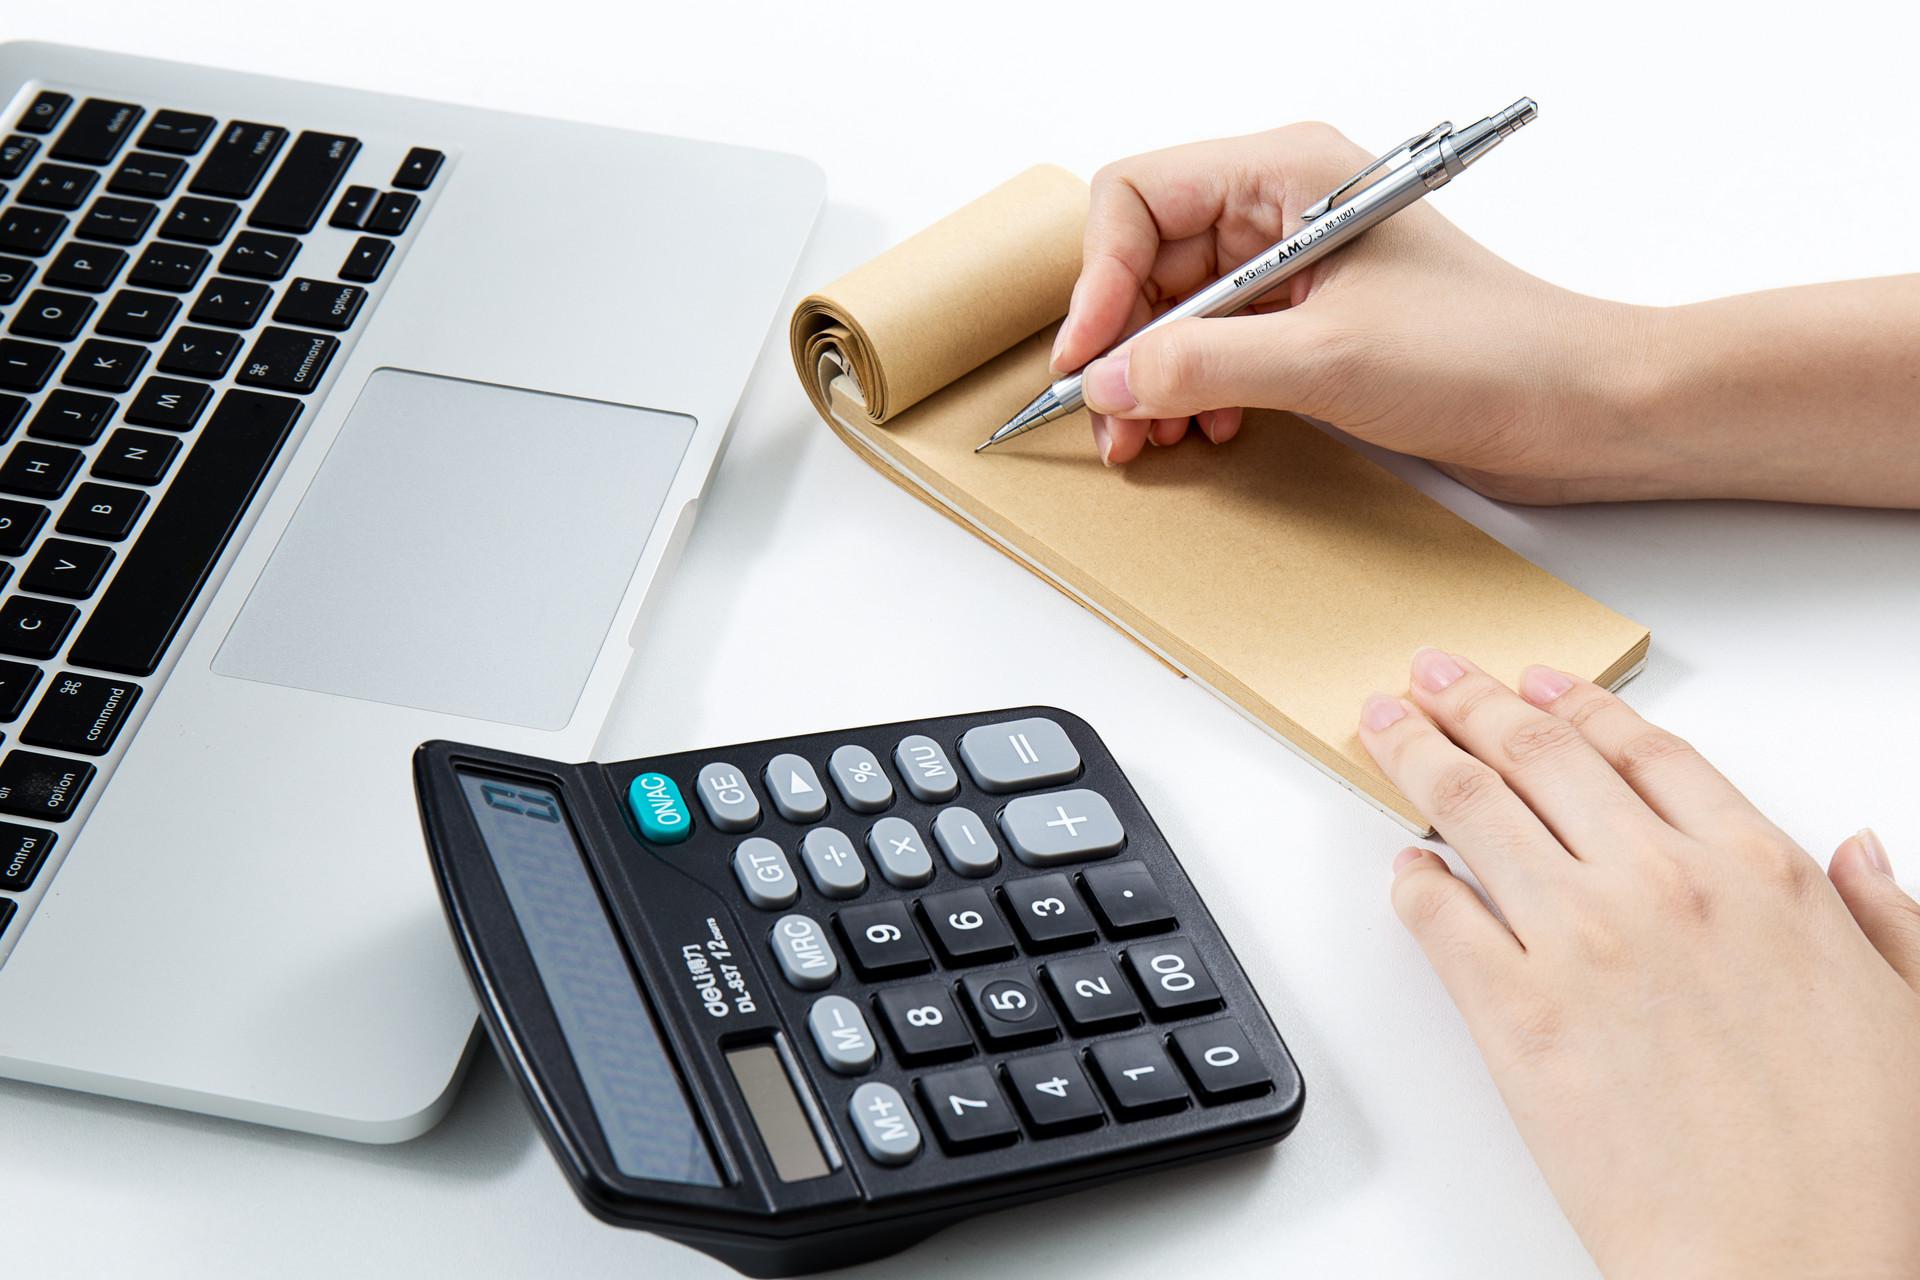 电子工资条系统帮助企业归整工资情况,电子工资条